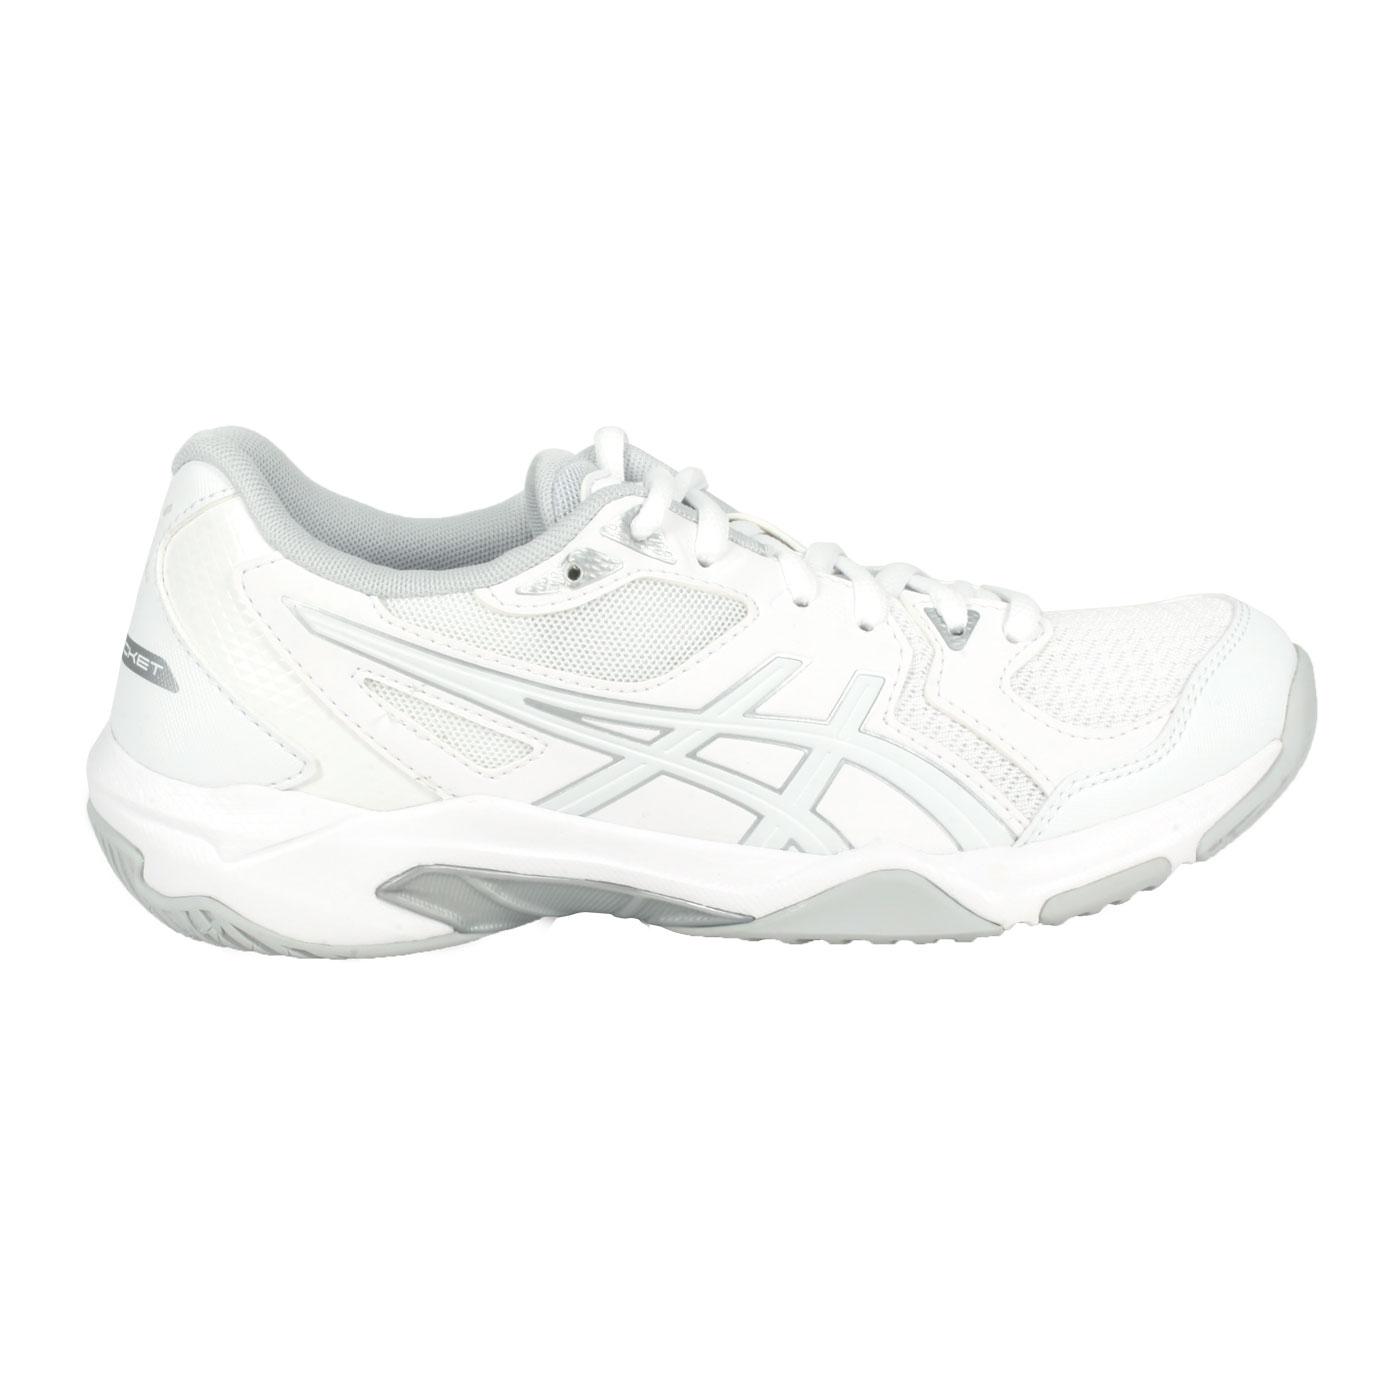 ASICS 女款排羽球鞋  @GEL-ROCKET 10@1072A056-106 - 白銀